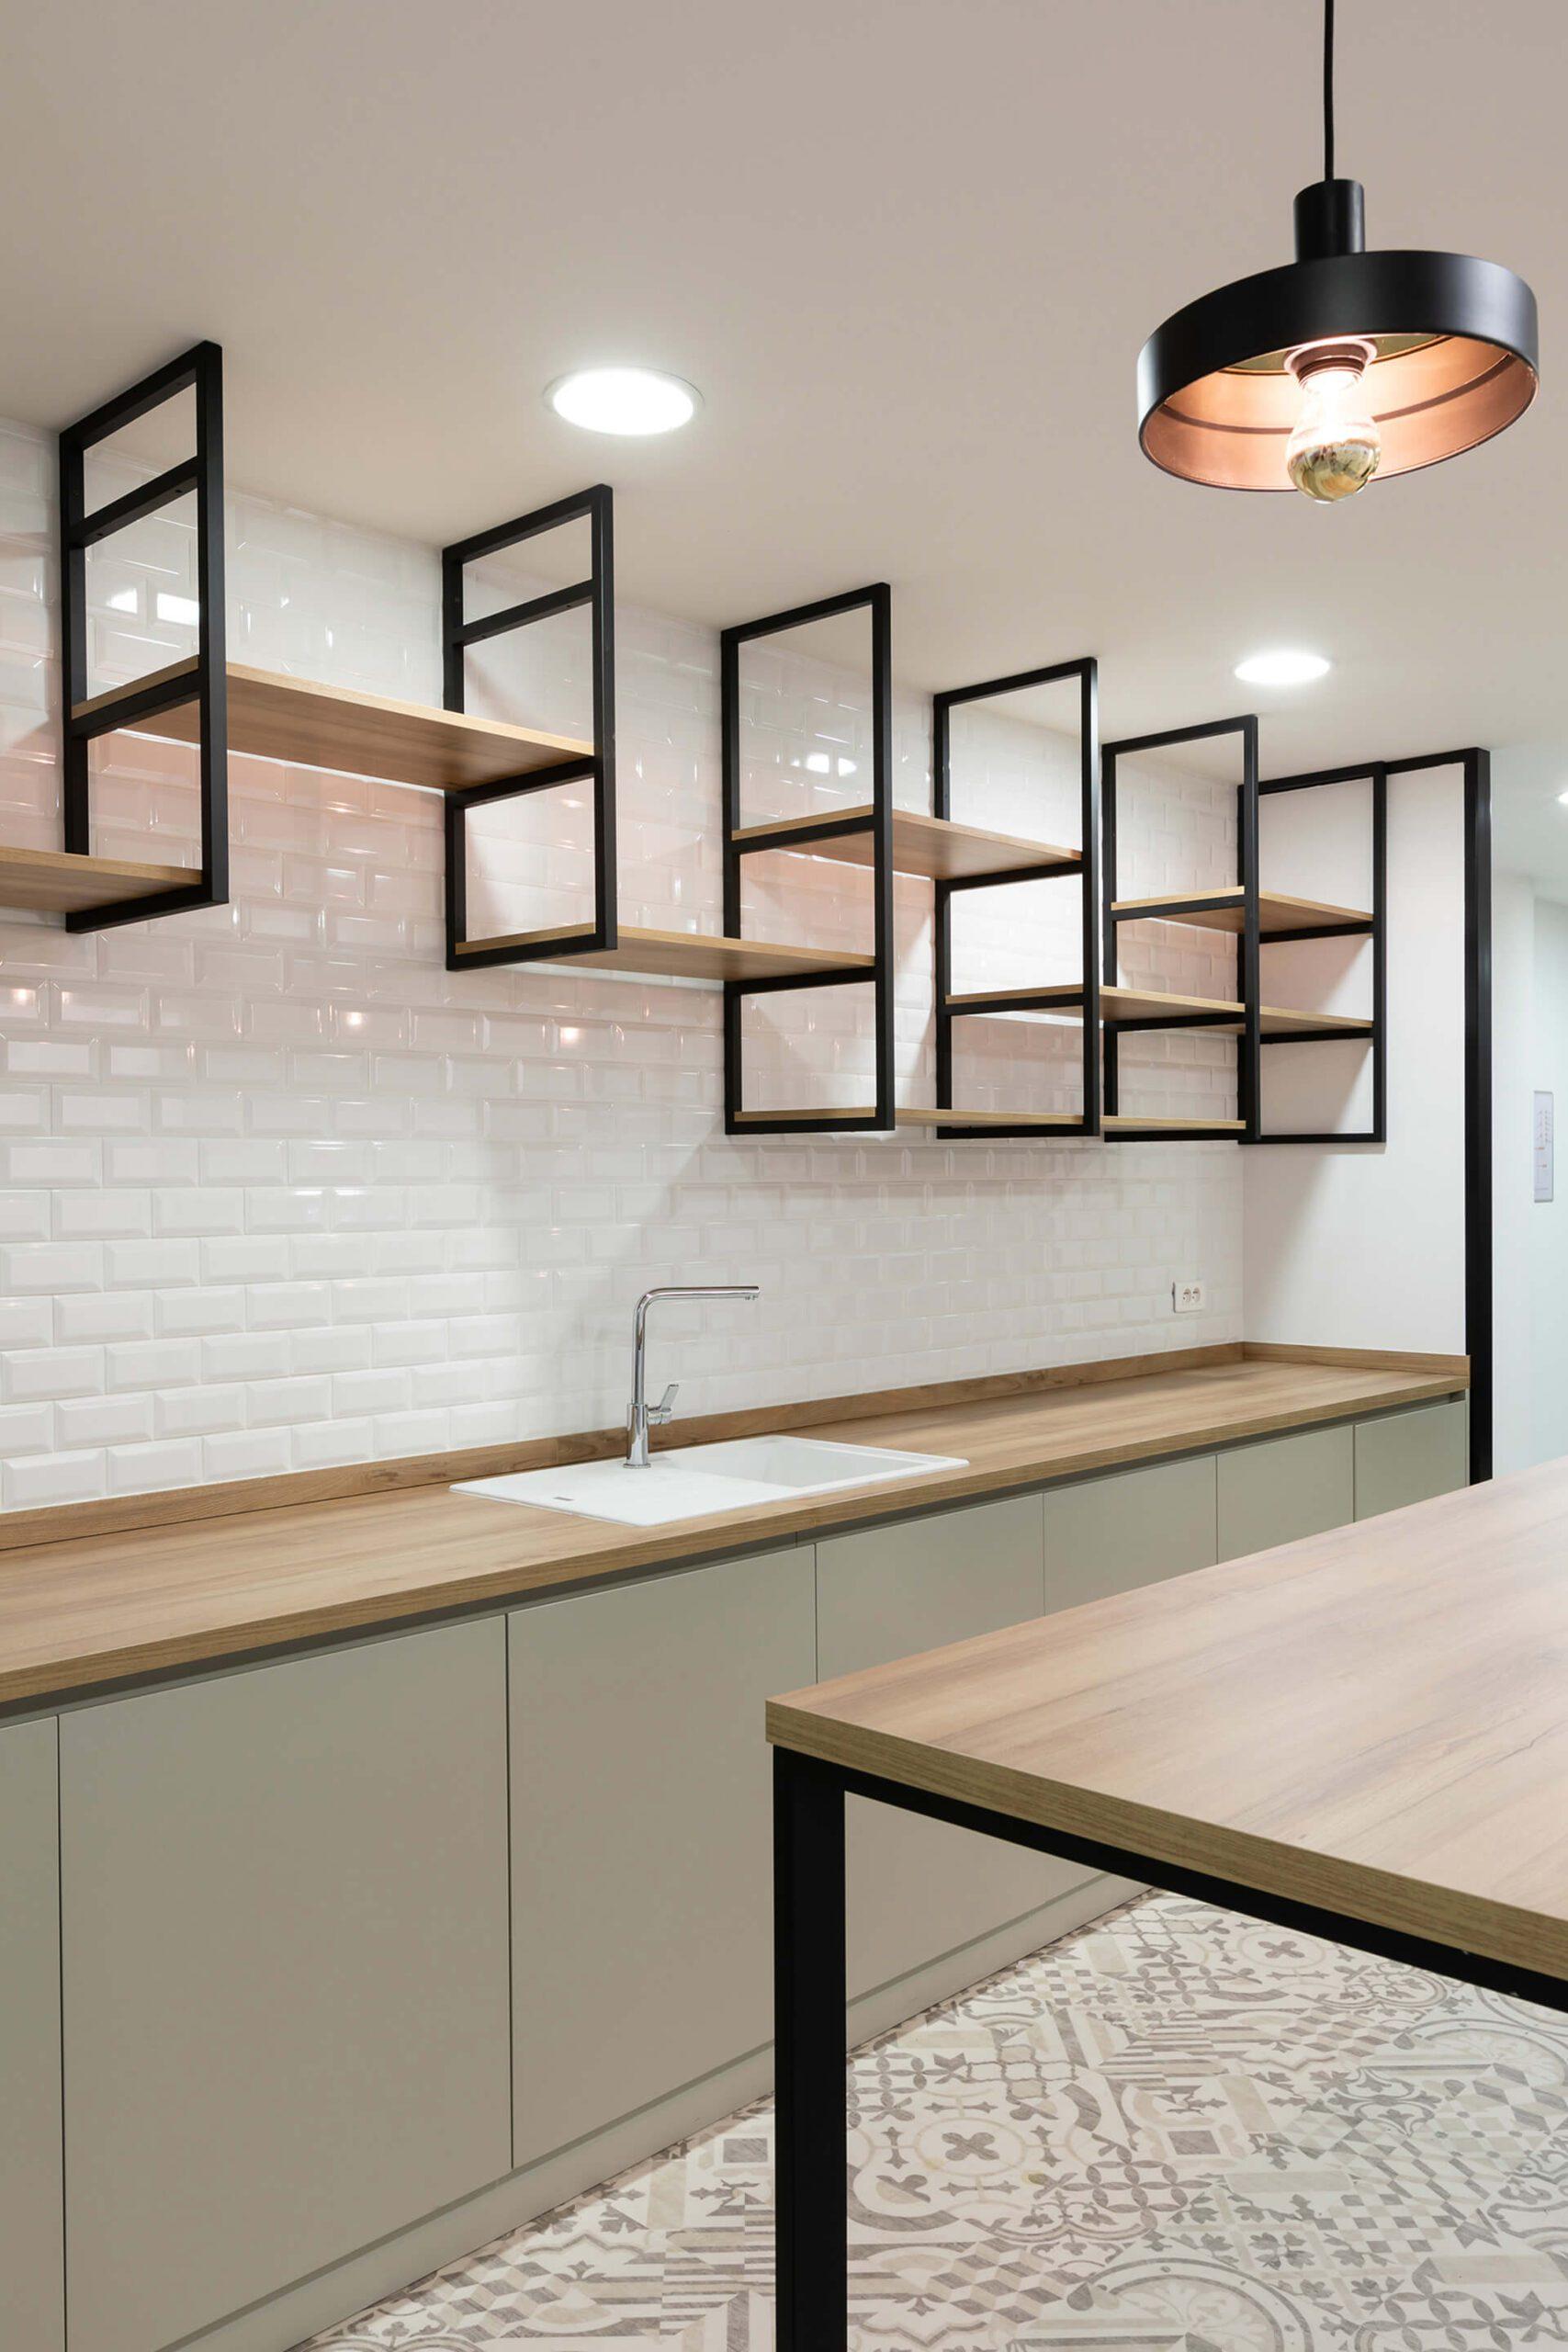 cozinha em madeira escura com prateleiras personalizadas